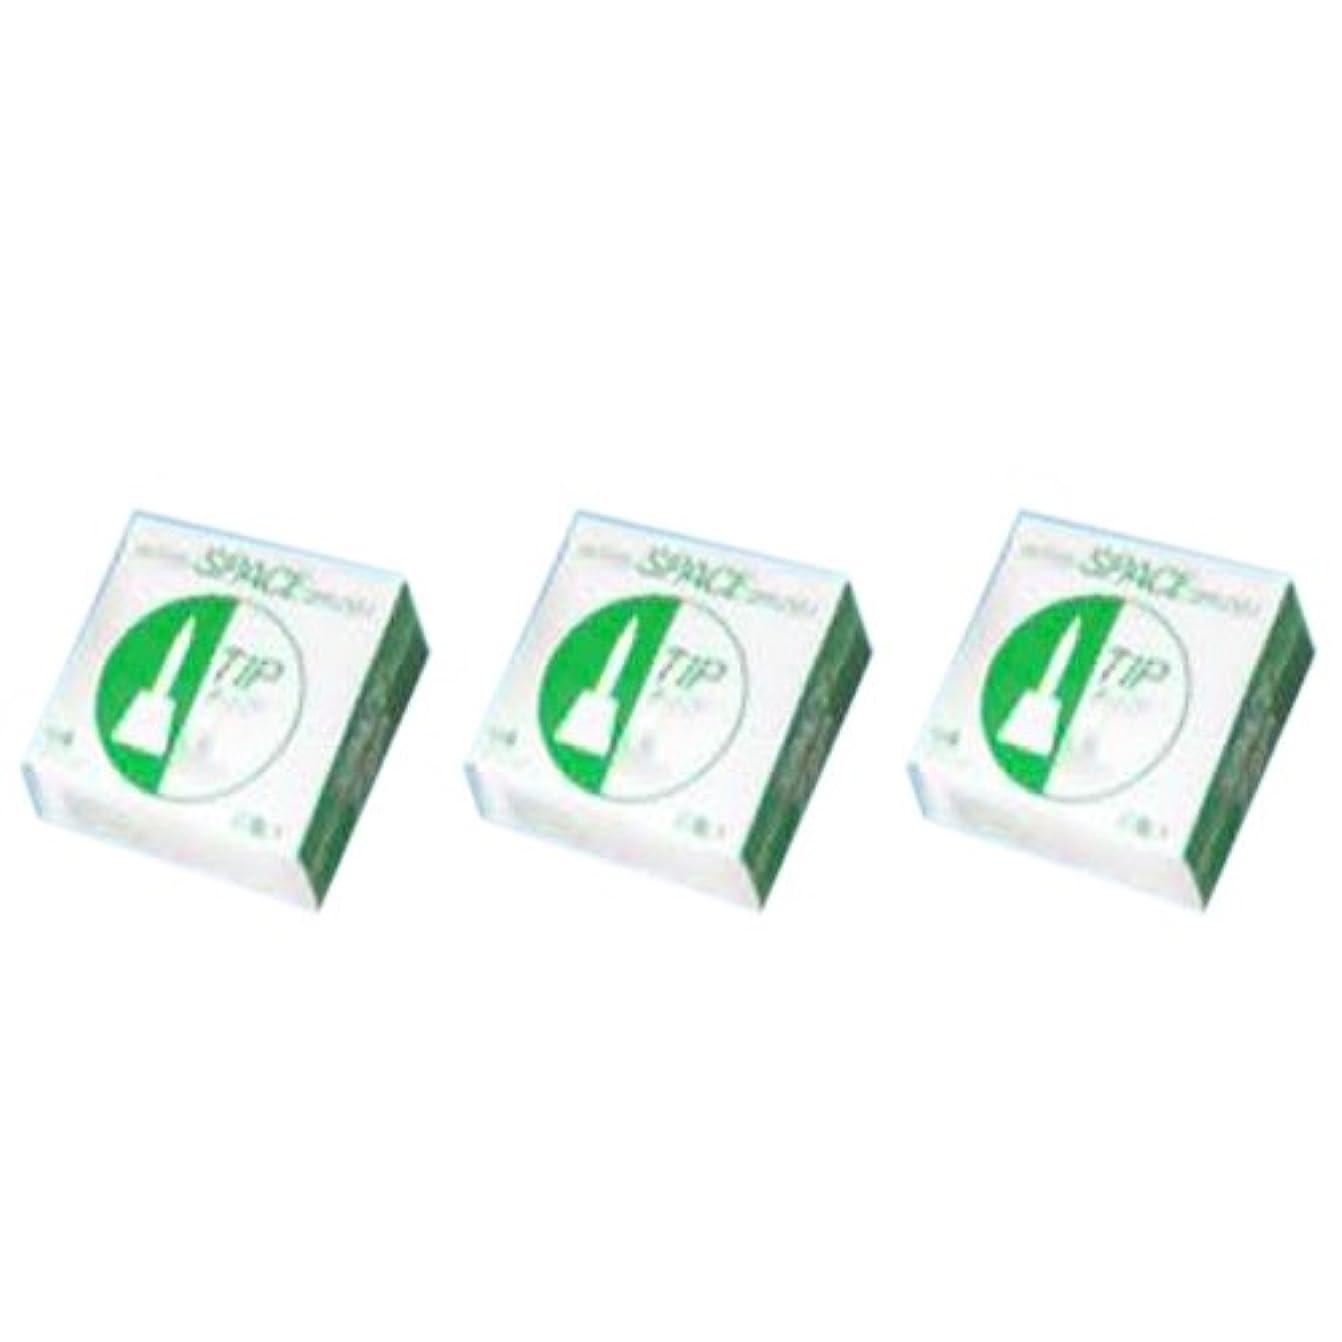 アシスト簡潔な磁器インタースペース?ブラシ専用替えブラシ 2個入×3個 ロング?ソフト(LS)